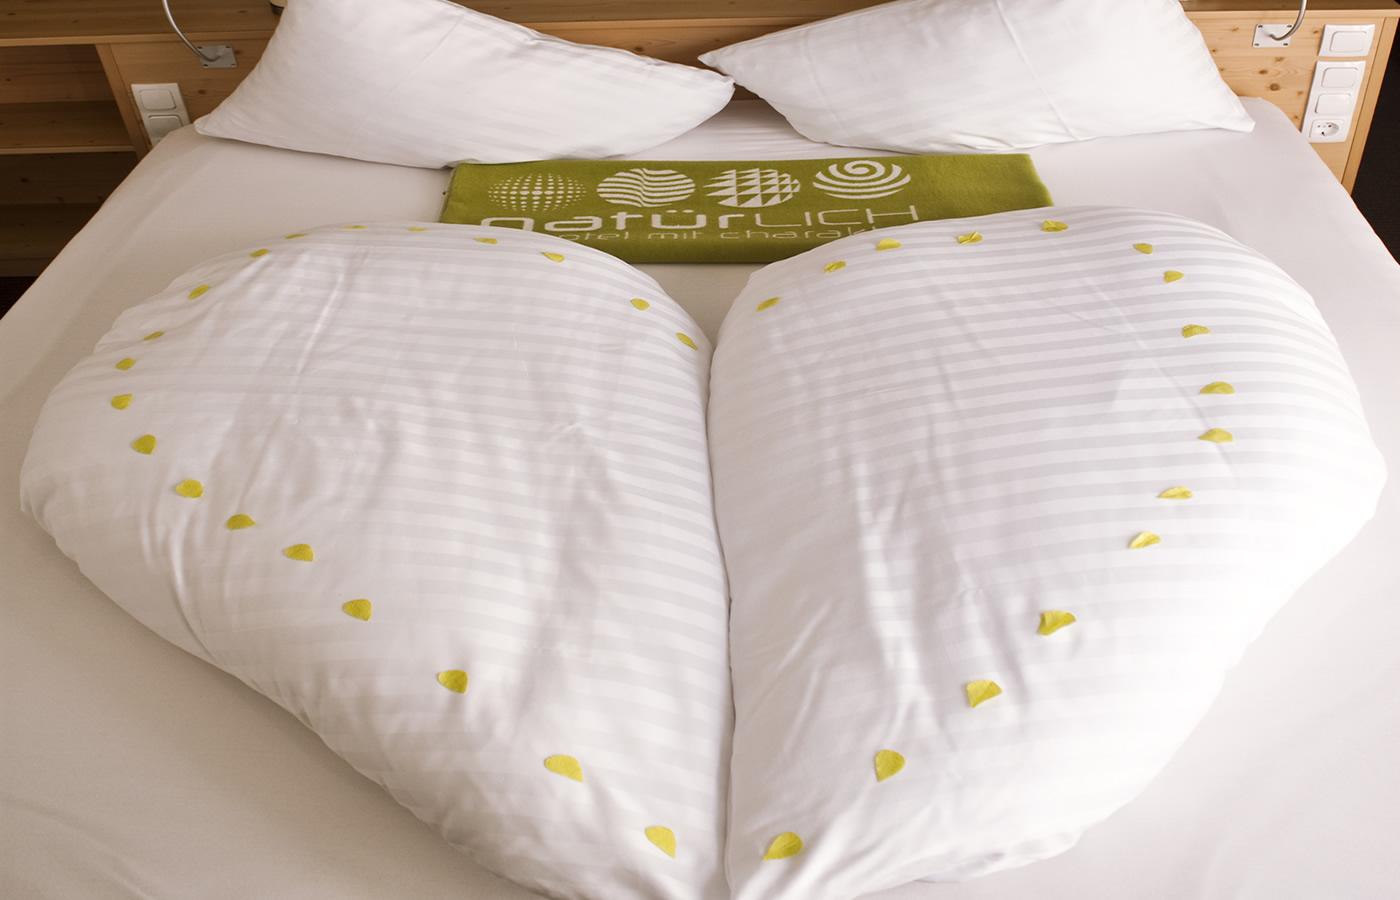 Tempur Schlafsystem im Natürlich. Hotel in SFL - Tirol.